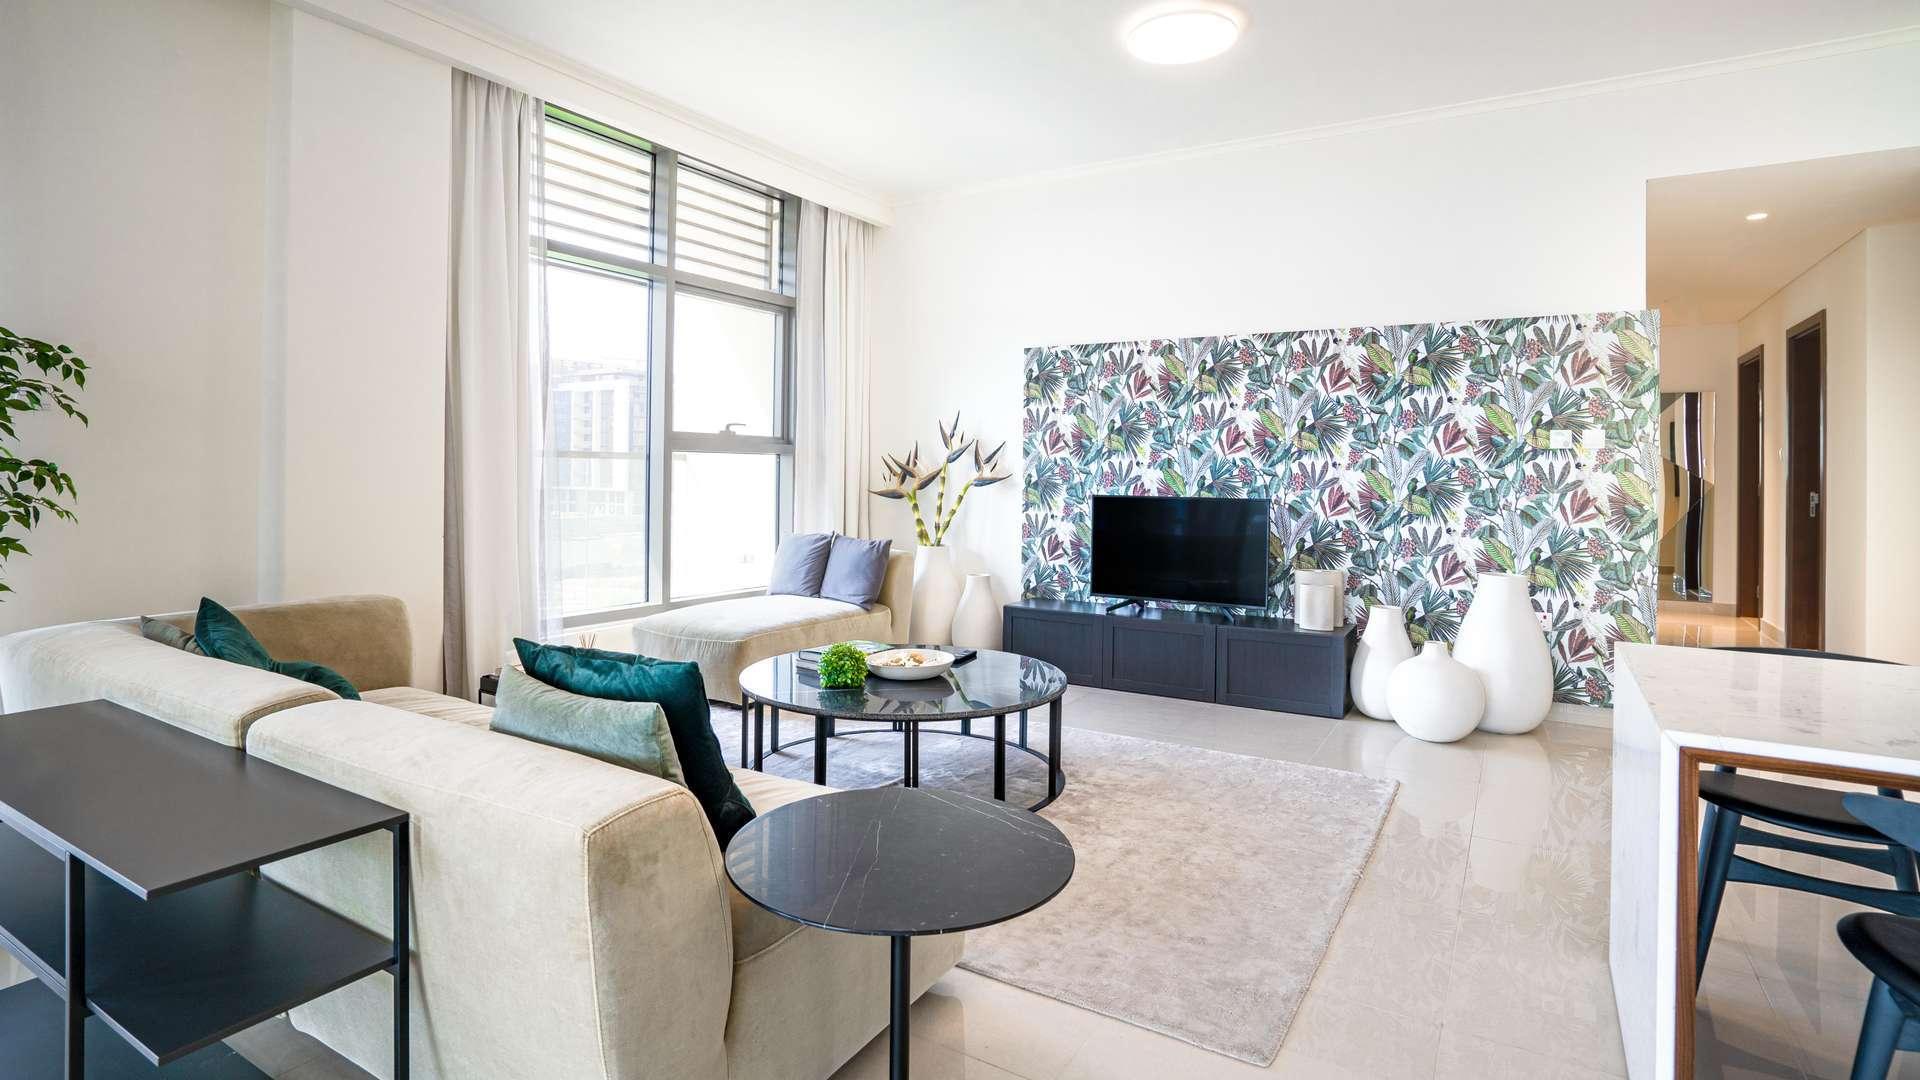 Apartment for sale in Dubai, UAE, 1 bedroom, 67 m2, No. 24277 – photo 1